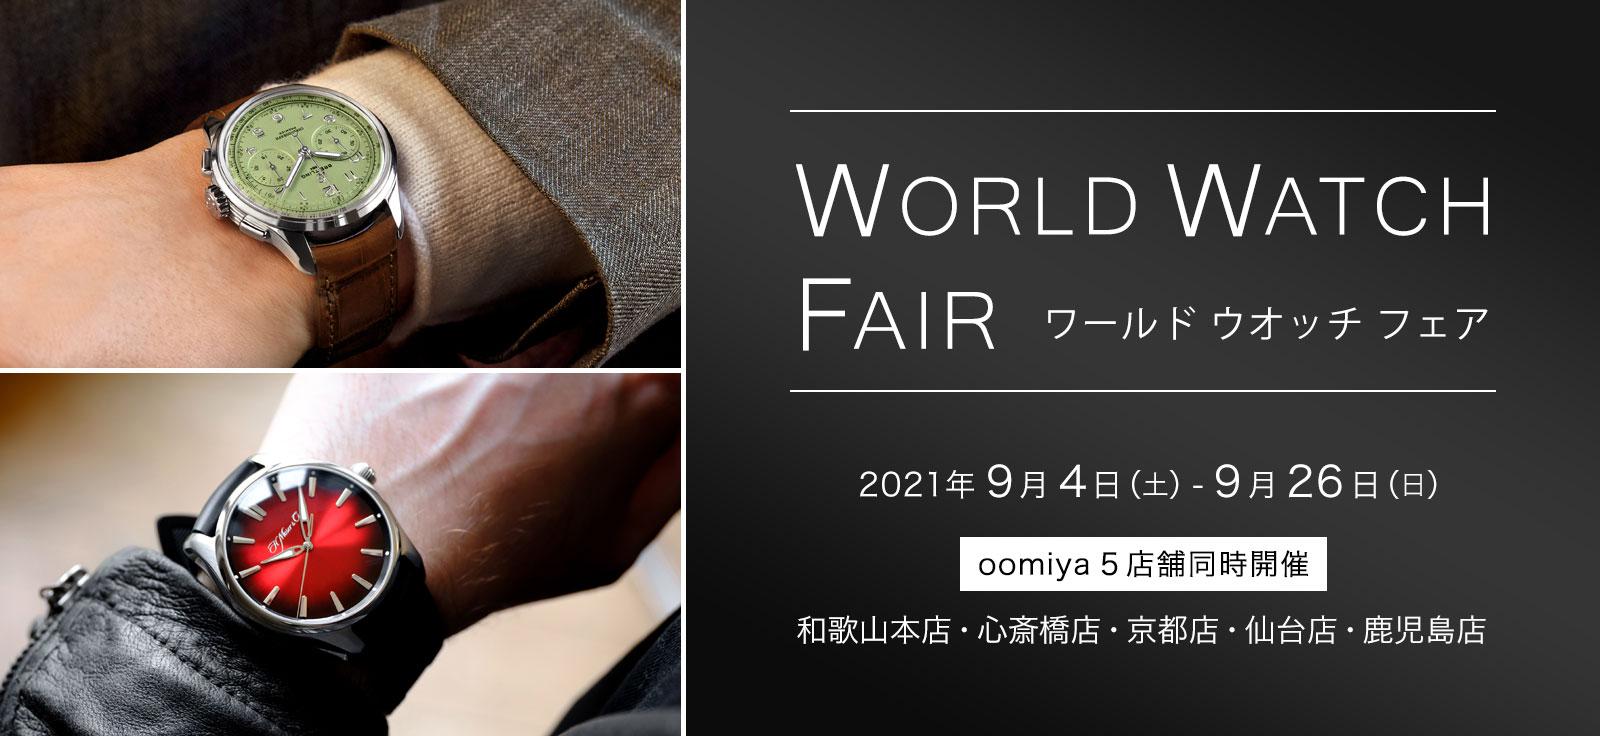 ワールドウォッチフェア|oomiya 5店舗同時開催